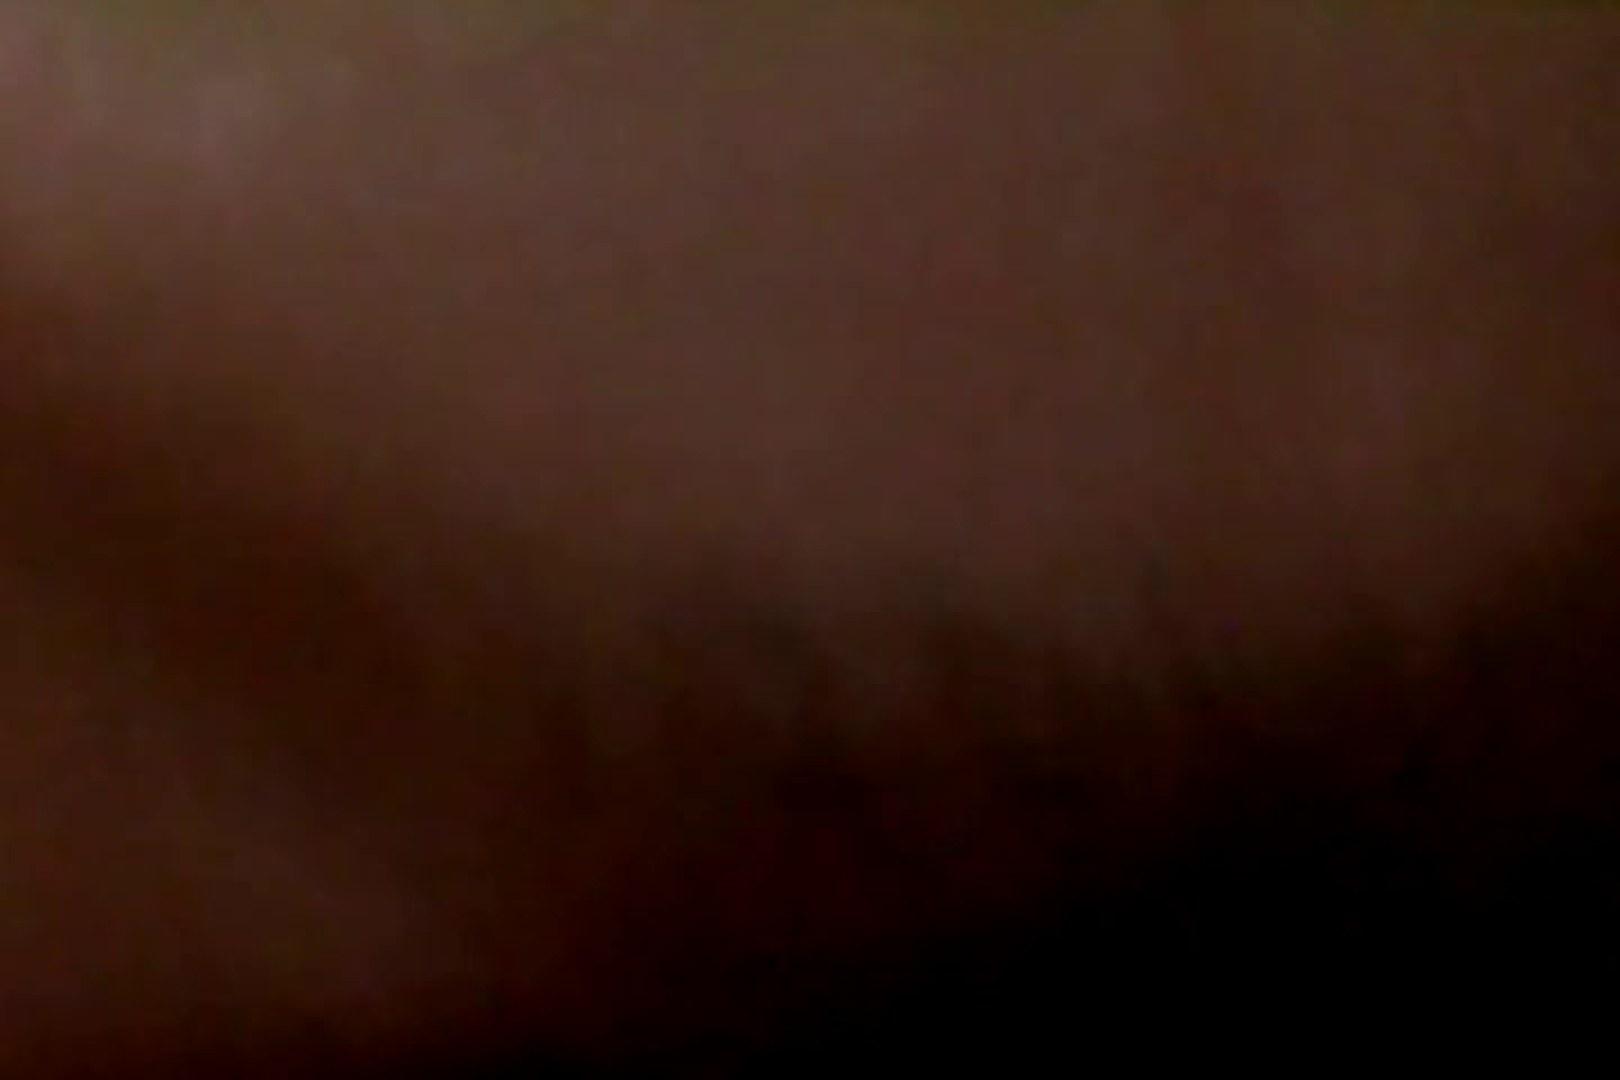 ウイルス流出 Ownerのハメ撮り映像 無修正マンコ  61PIX 38